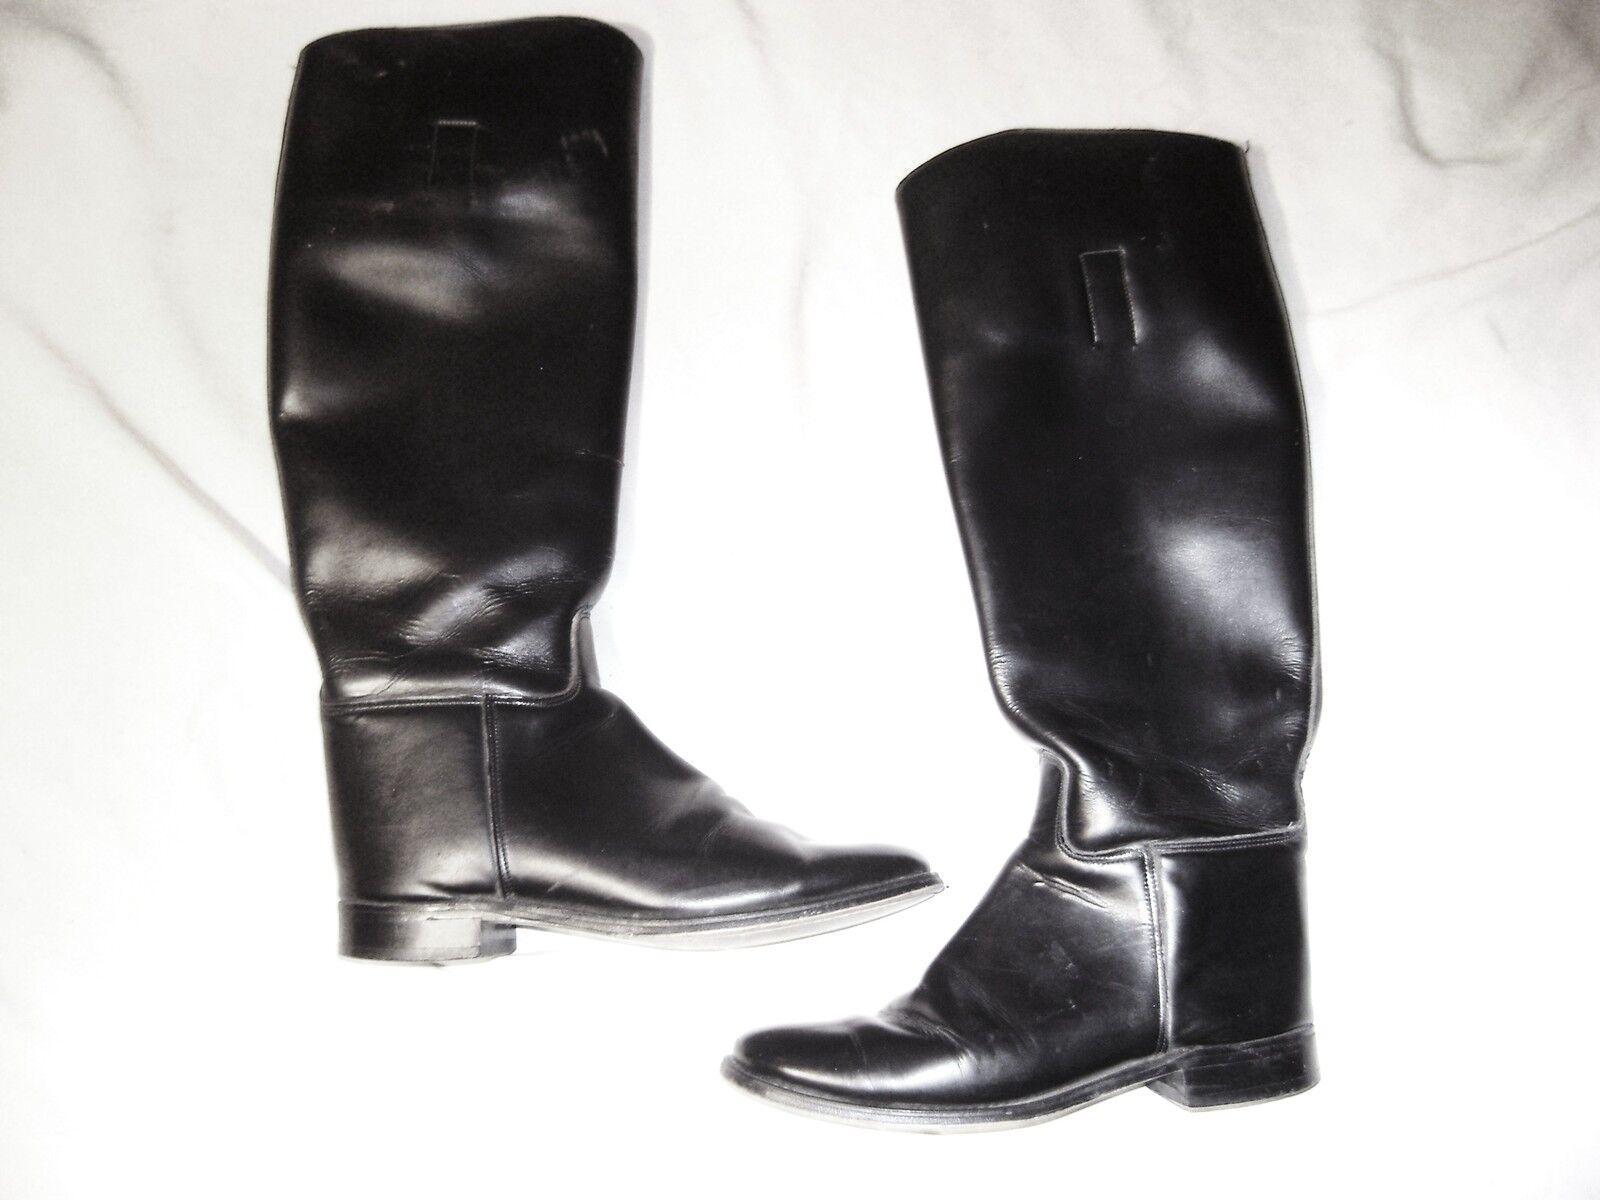 Marlborough schwarz Leder equestrian riding boot   Größe 7